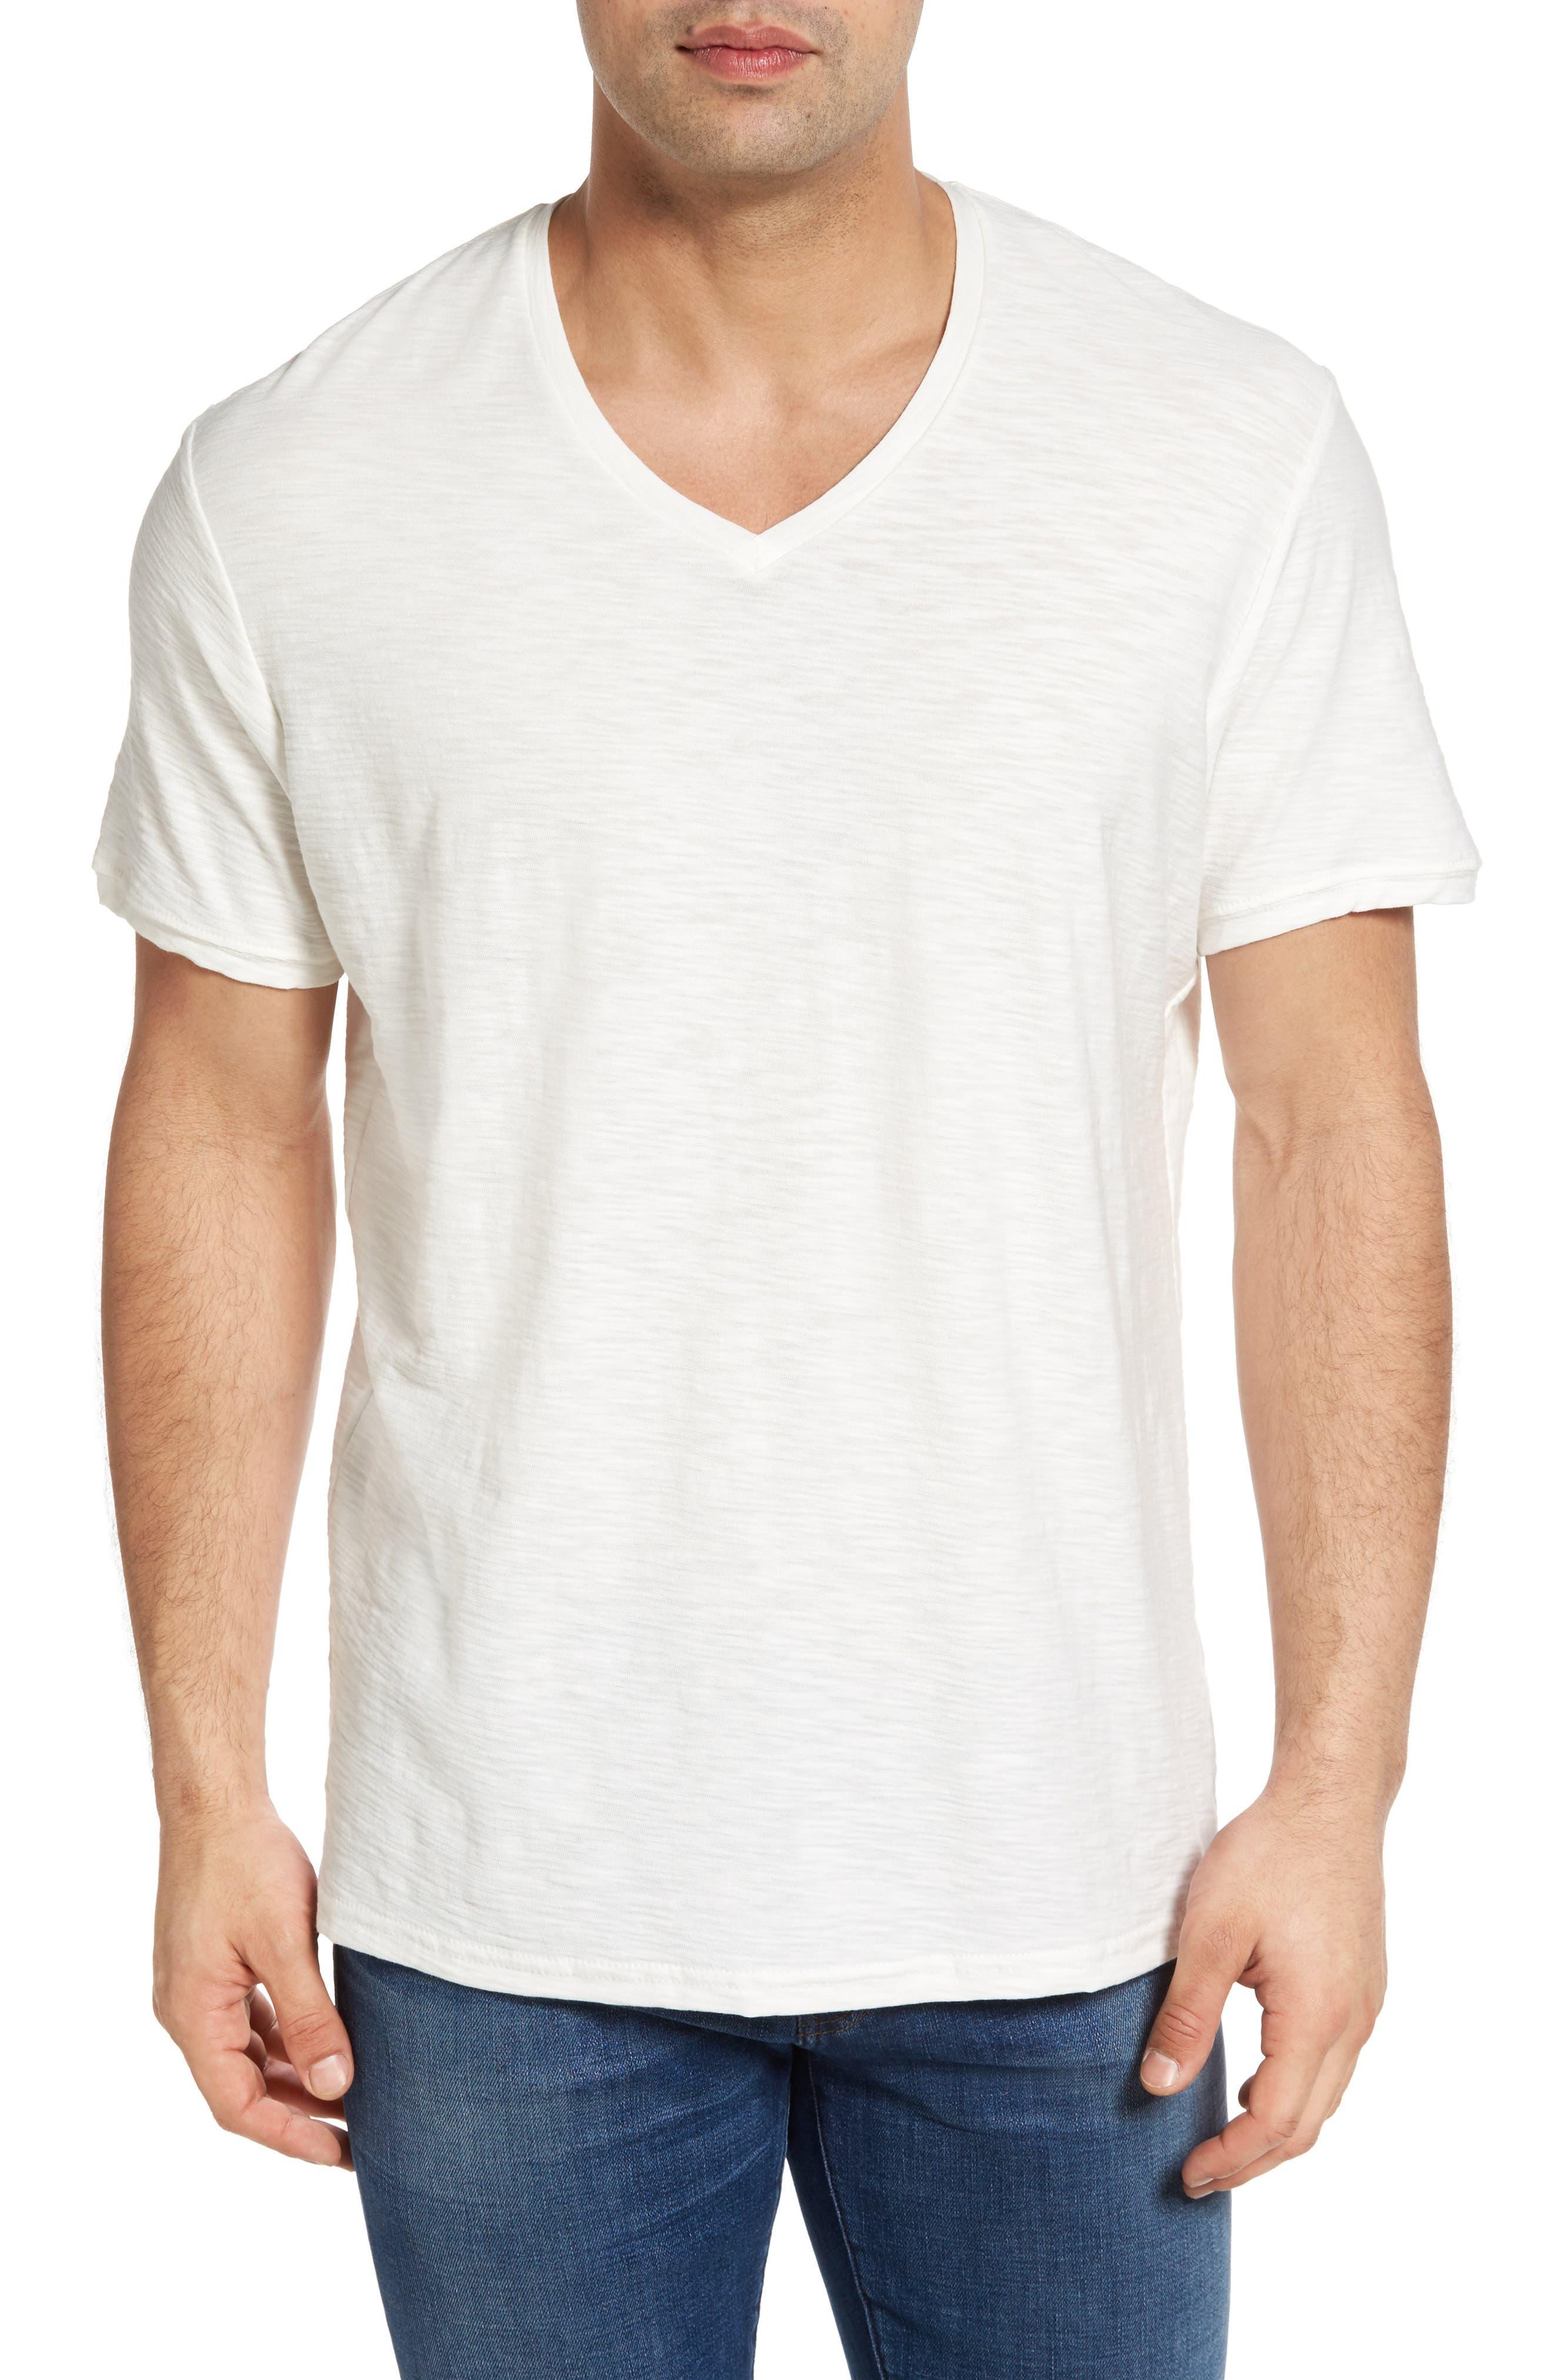 Rodd & Gunn Nelson V-Neck T-Shirt